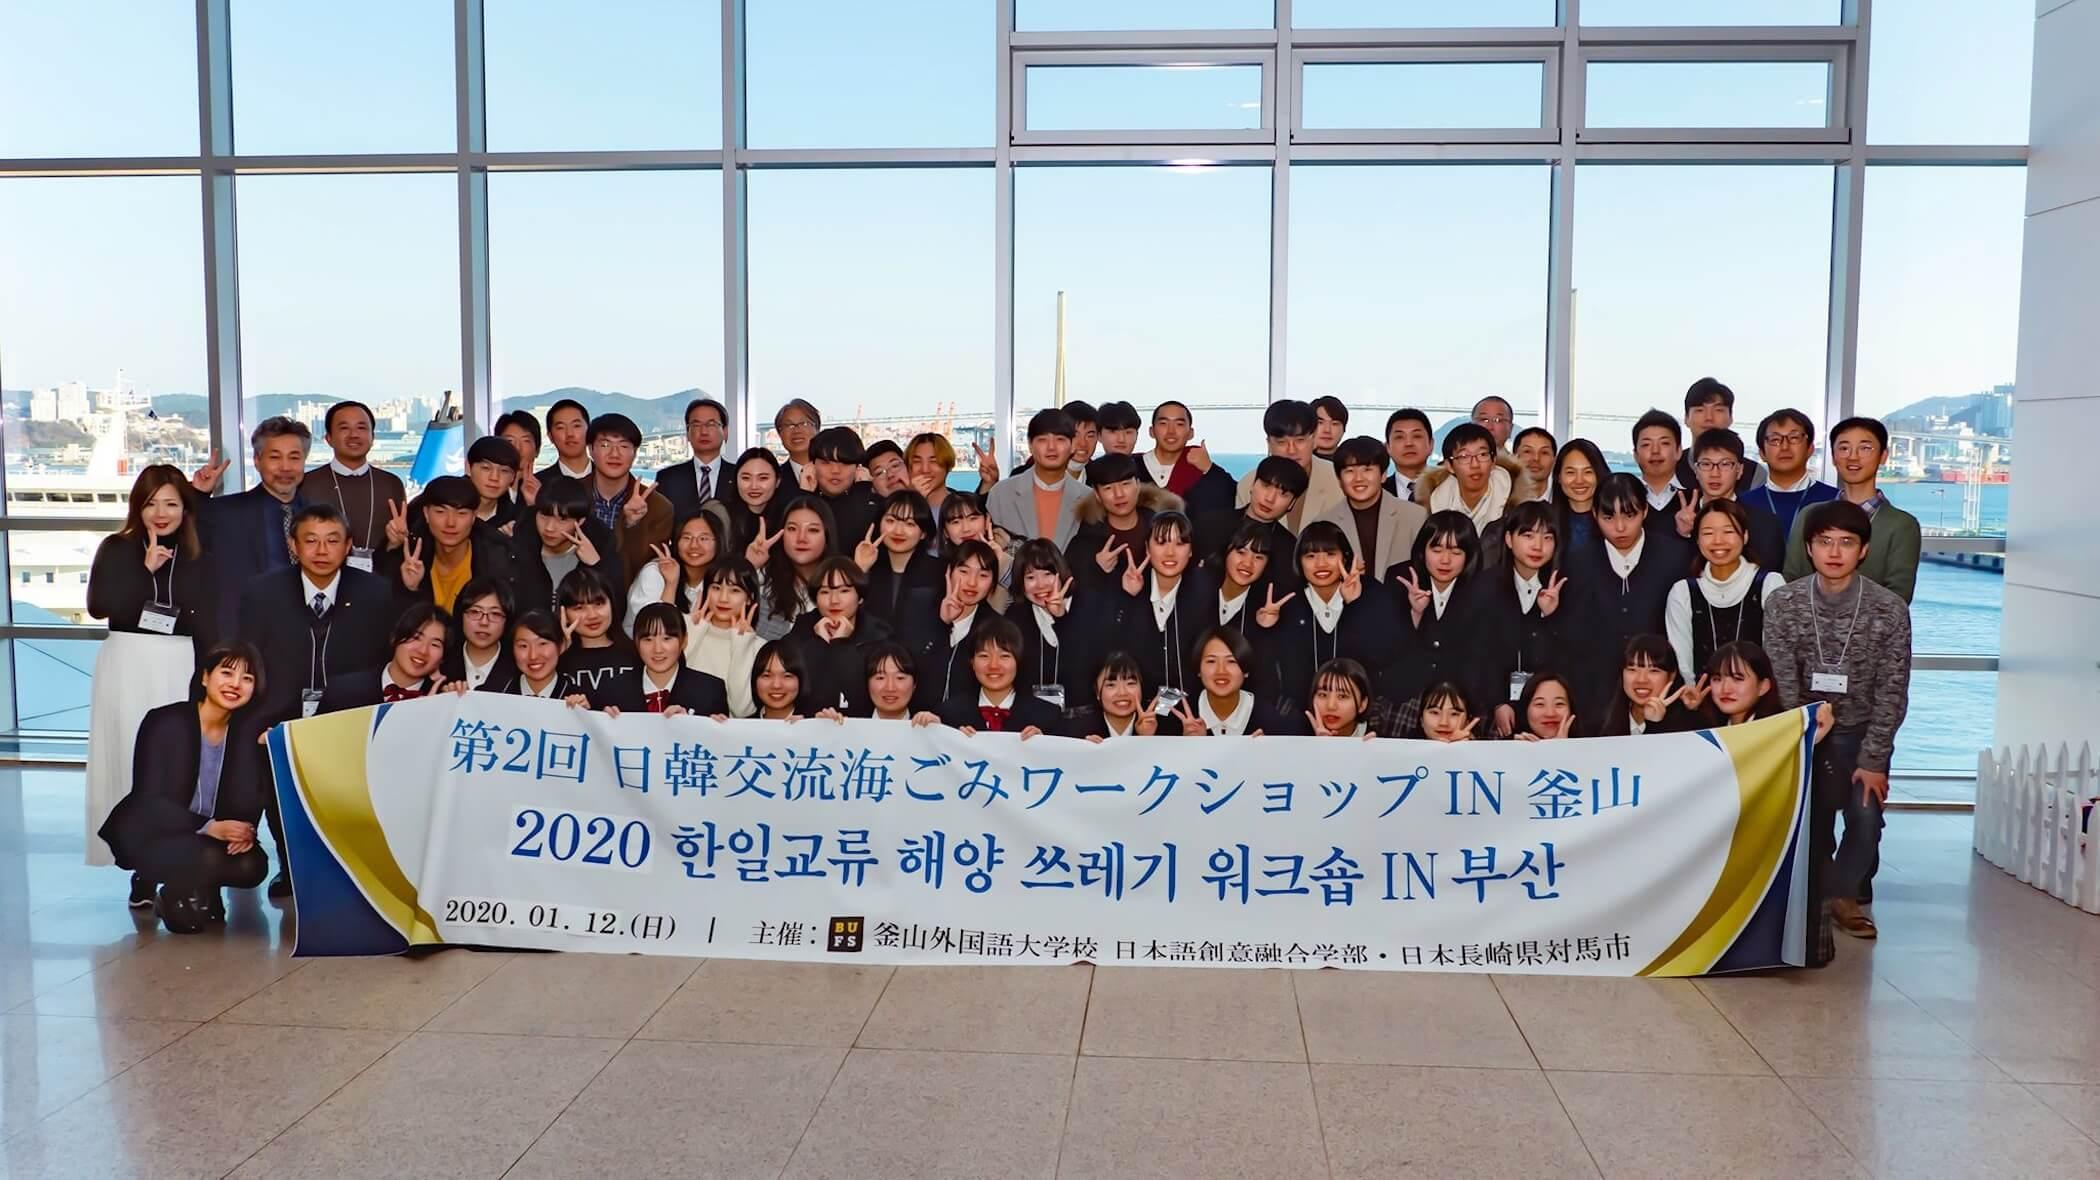 第2回 日韓交流海ごみワークショップin釜山